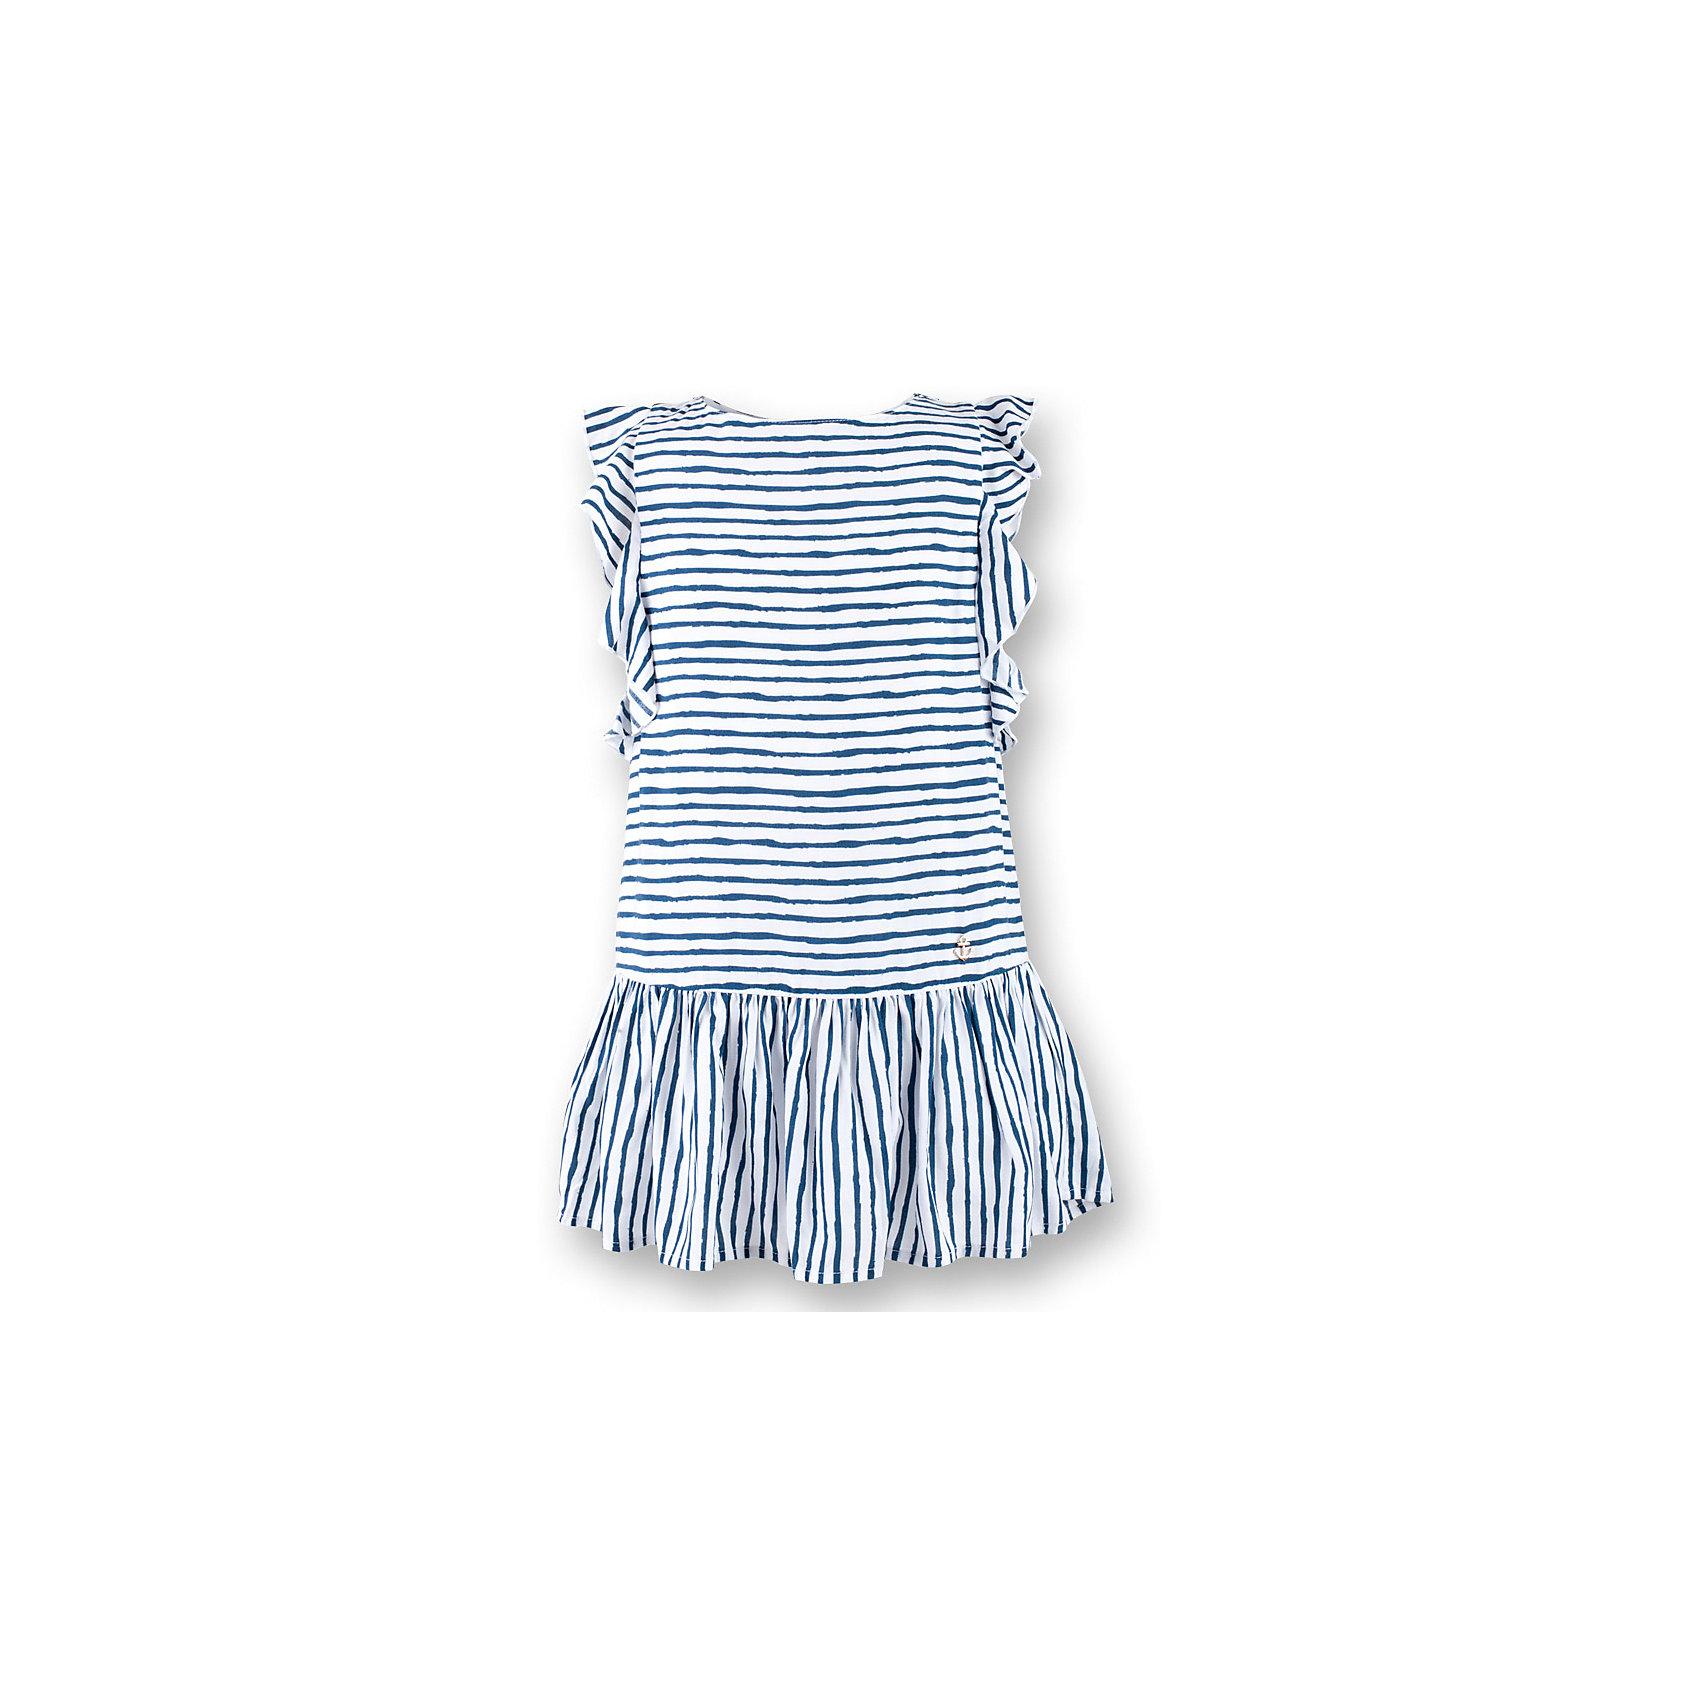 Платье для девочки  BUTTON BLUEПлатье для девочки  BUTTON BLUE<br>Прекрасный летний вариант -  текстильное платье в полоску на тонкой хлопковой подкладке. Модный силуэт, комфортная форма, выразительные детали делают платье для девочки отличным решением для каждого дня лета. Если вы хотите приобрести одновременно и красивую, и практичную, и удобную вещь, вам стоит купить детское платье от Button Blue. Низкая цена не окажет влияния на бюджет семьи, позволив создать интересный базовый гардероб для долгожданных каникул!<br>Состав:<br>Ткань  верха: 100%  вискоза подклад: 100% хлопок<br><br>Ширина мм: 236<br>Глубина мм: 16<br>Высота мм: 184<br>Вес г: 177<br>Цвет: синий<br>Возраст от месяцев: 144<br>Возраст до месяцев: 156<br>Пол: Женский<br>Возраст: Детский<br>Размер: 158,98,104,110,116,122,128,134,140,152<br>SKU: 5523353